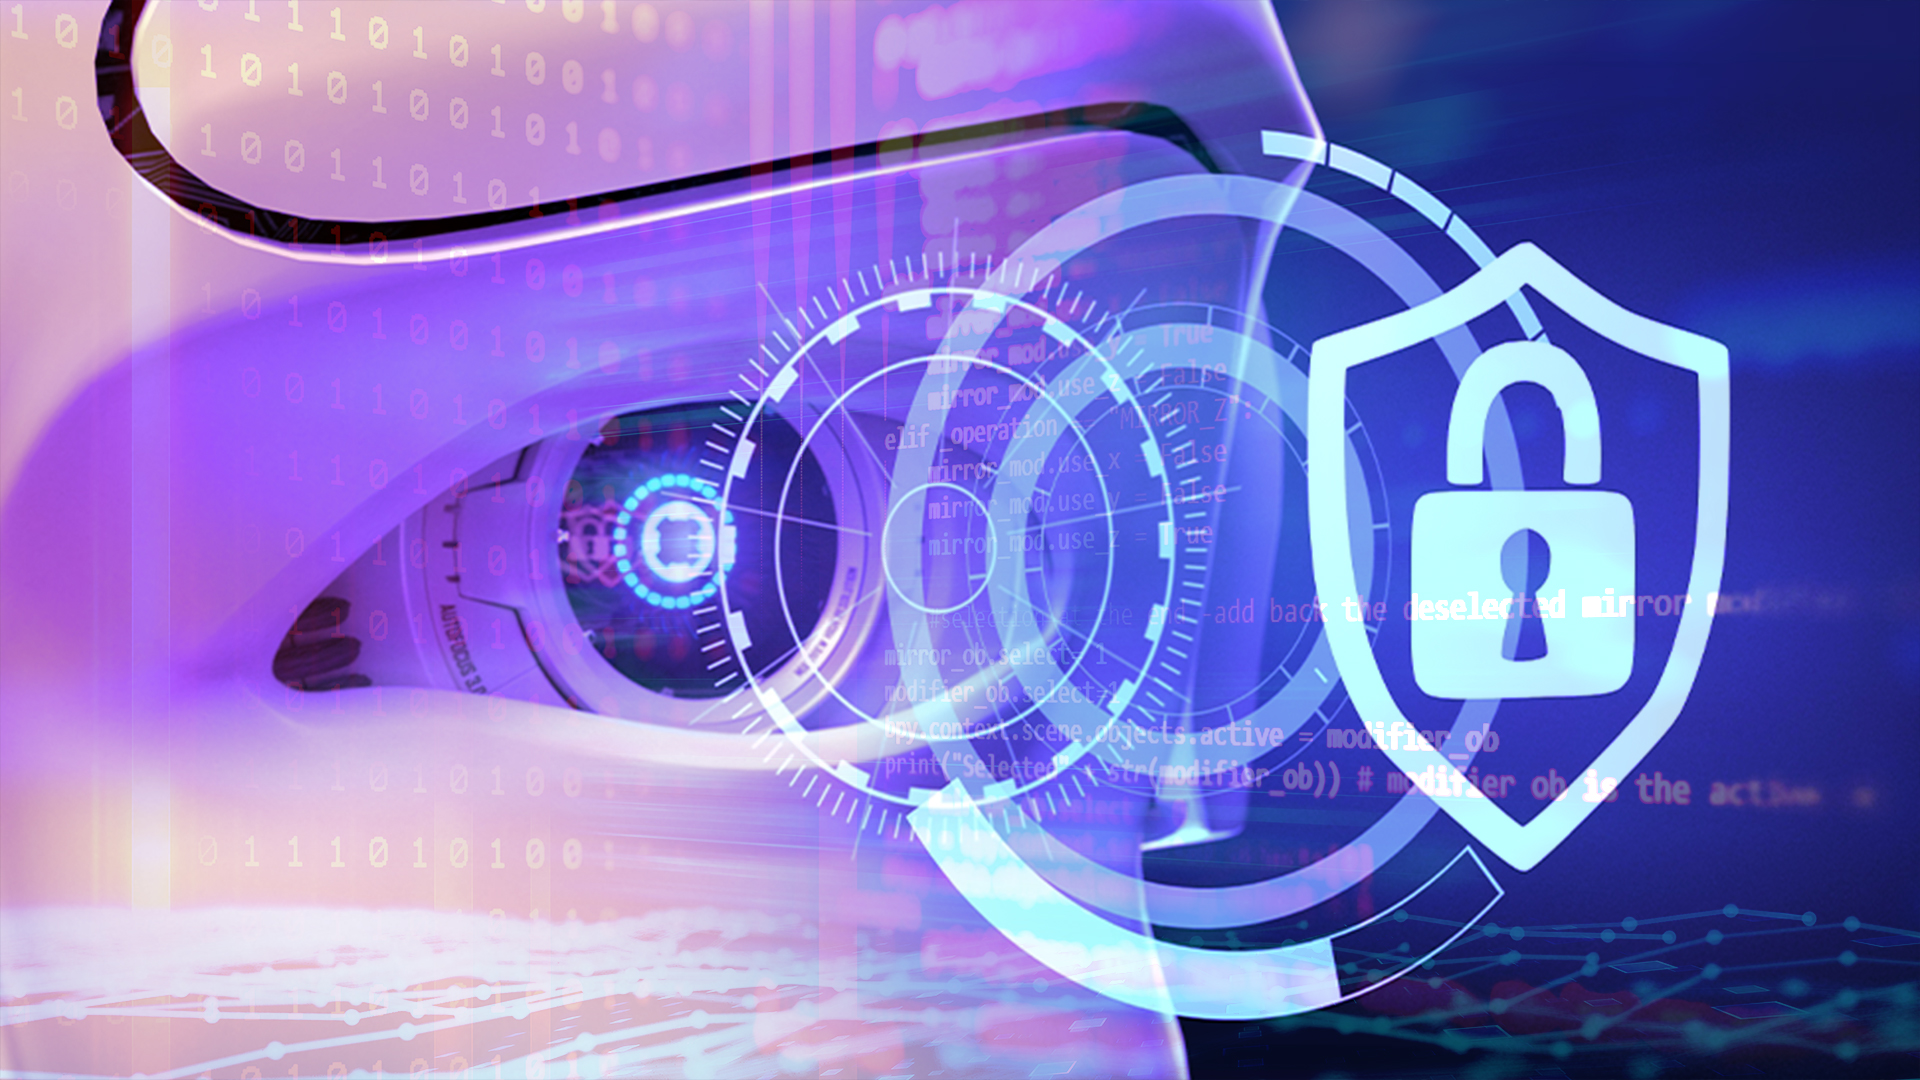 Sicherheit, Sicherheitslücke, Hacker, Malware, Security, Hack, Angriff, Virus, Kriminalität, Schadsoftware, Ki, Künstliche Intelligenz, Roboter, Exploit, Cybercrime, Hacking, Cybersecurity, Hackerangriff, Internetkriminalität, AI, Hacken, Darknet, Hacker Angriff, Ransom, Attack, Artificial Intelligence, Auge, Roboterauge